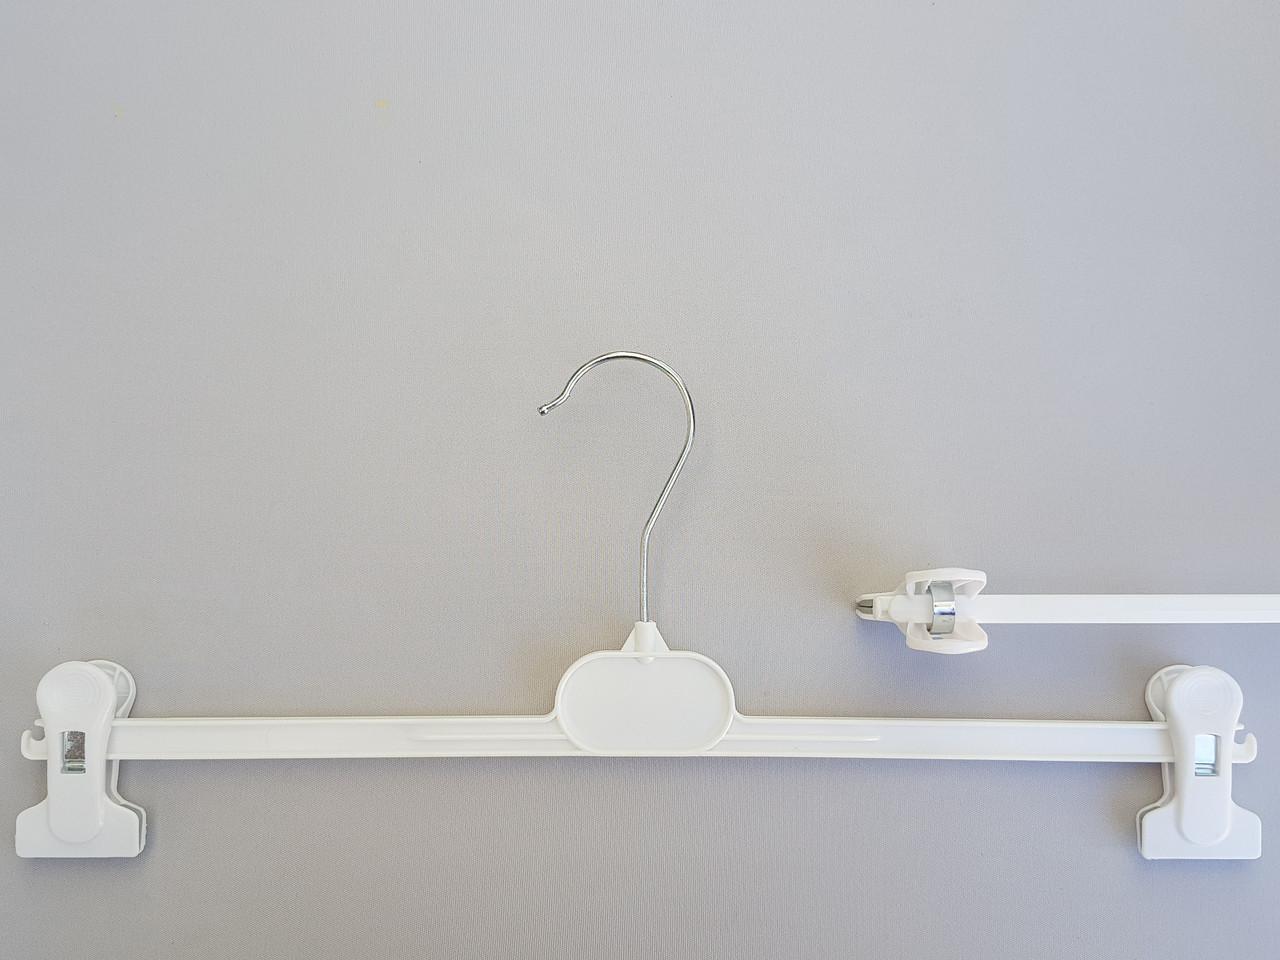 Длина 40 см. Плечики вешалки пластмассовые с прищепками зажимами для брюк и юбок V-B40 белые